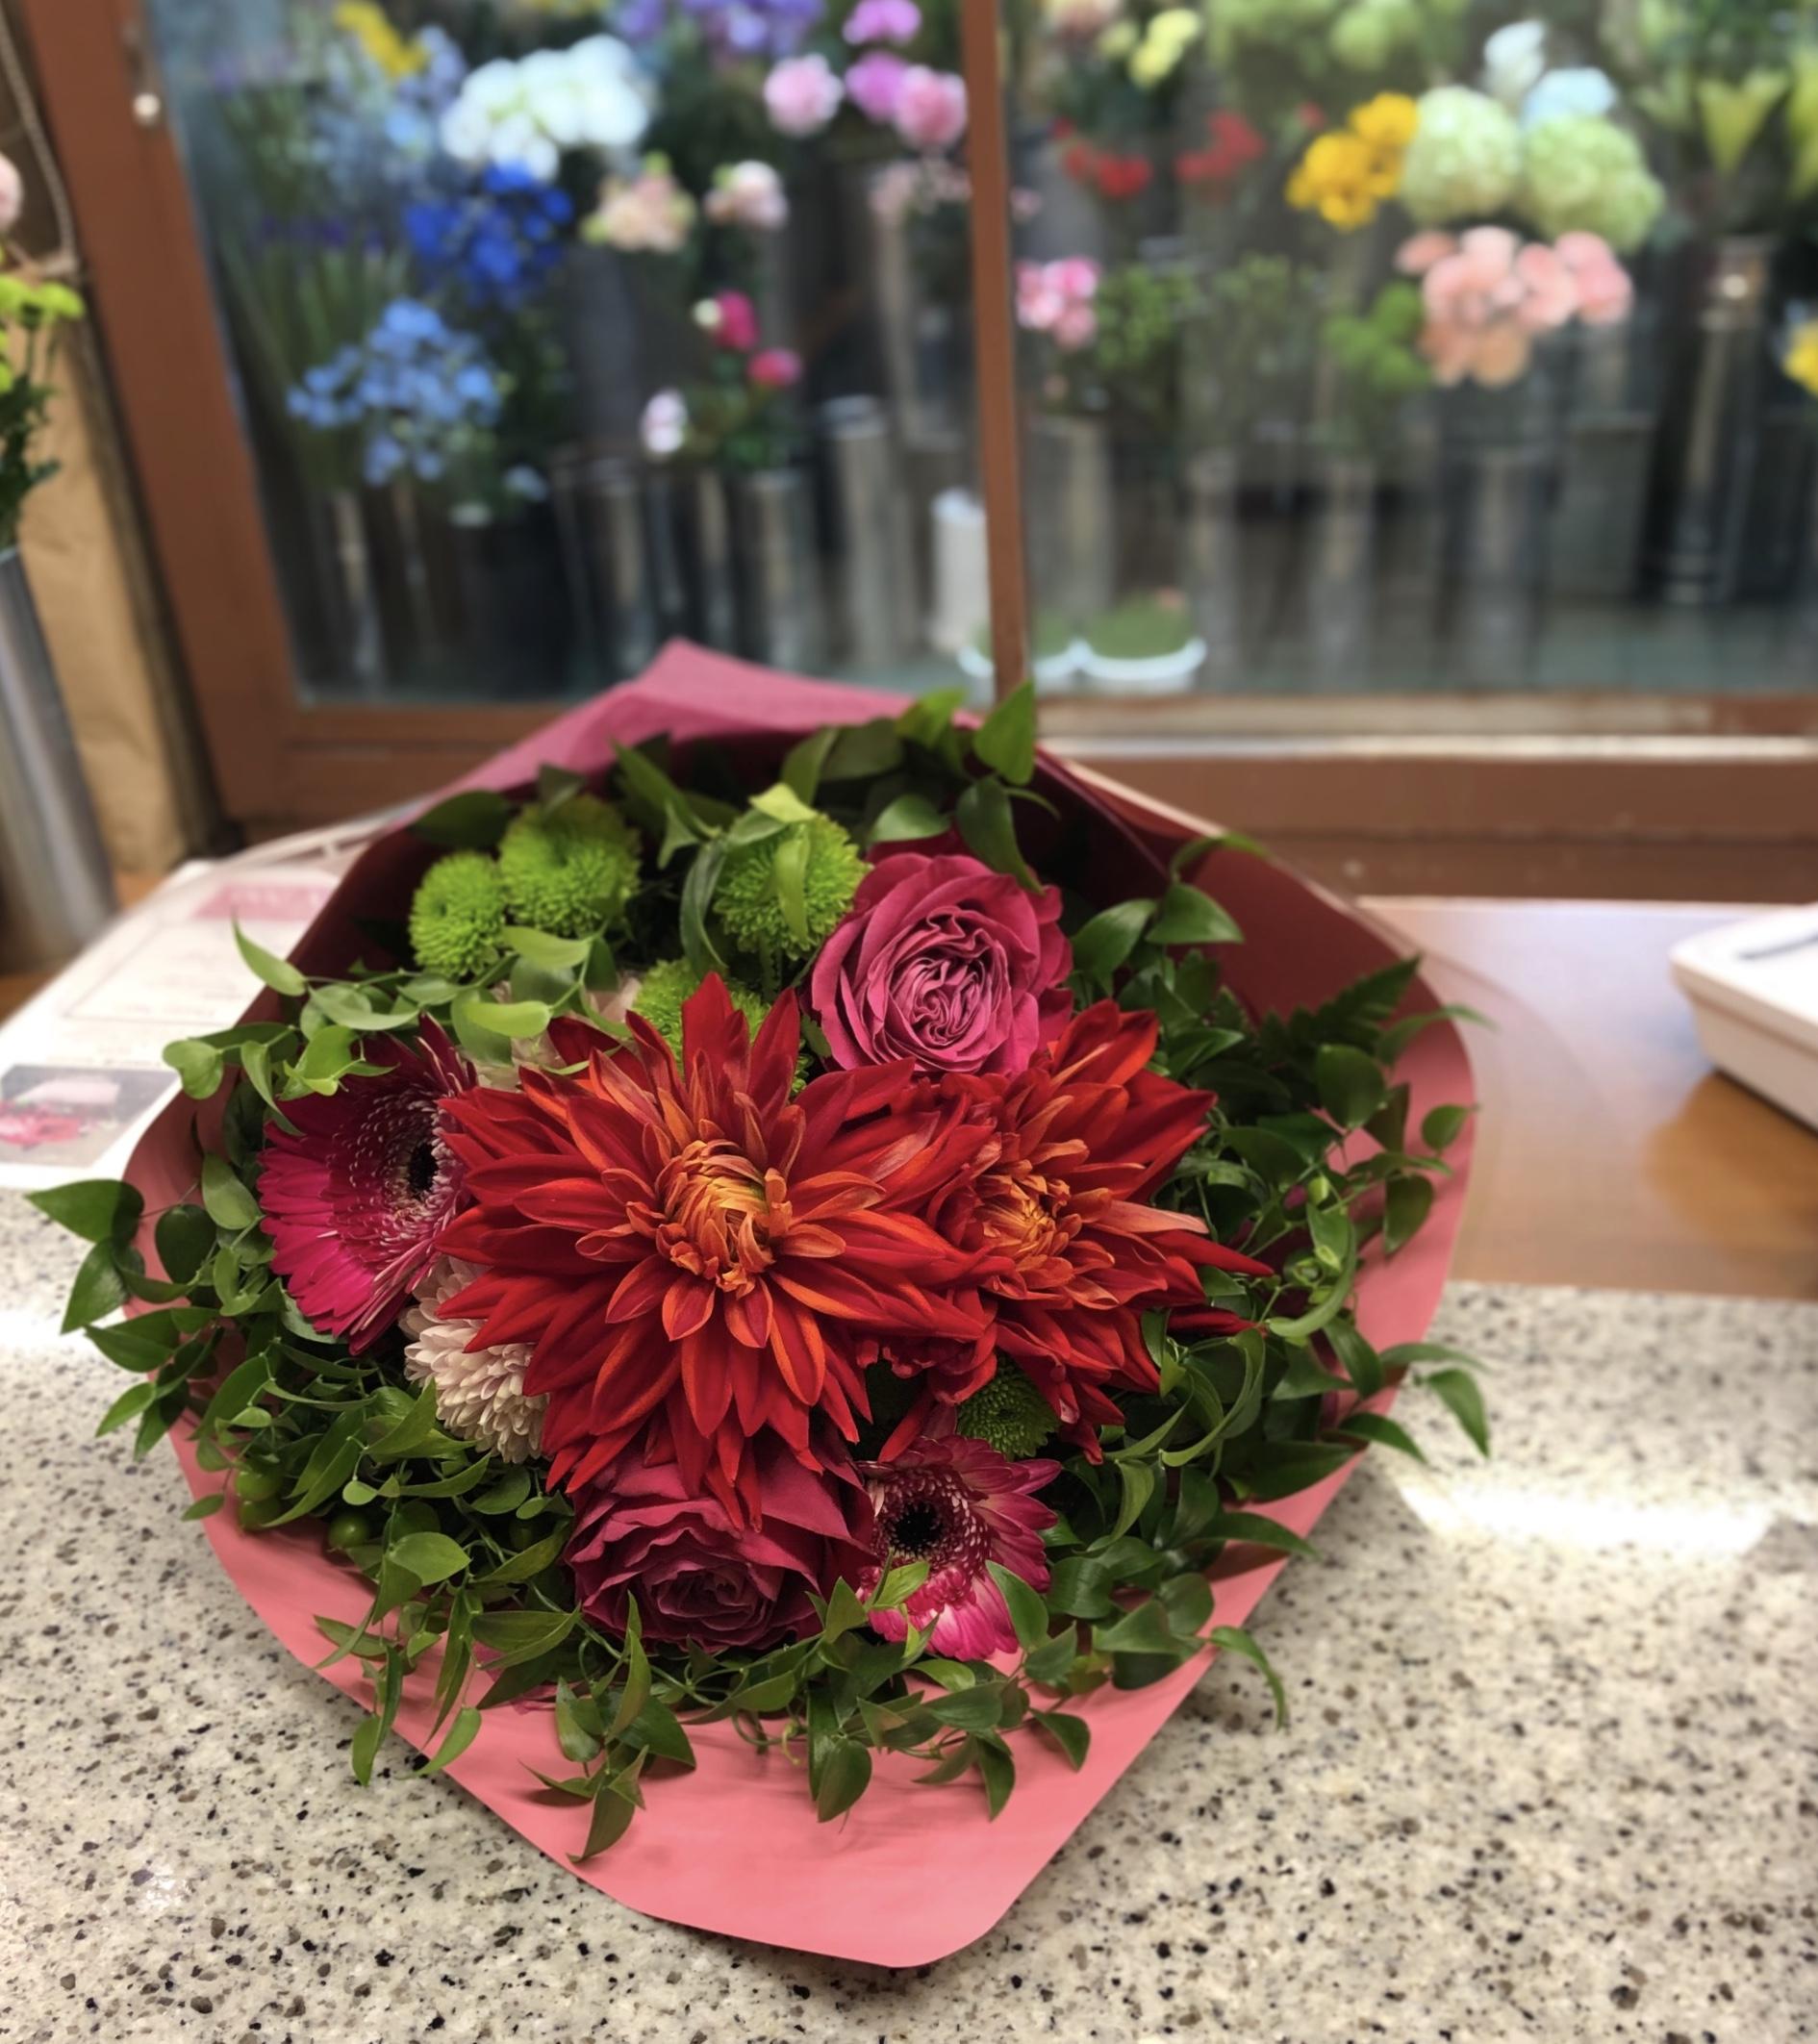 横浜市鶴見区へ花束を配達しました。【横浜花屋の花束・スタンド花・胡蝶蘭・バルーン・アレンジメント配達事例642】